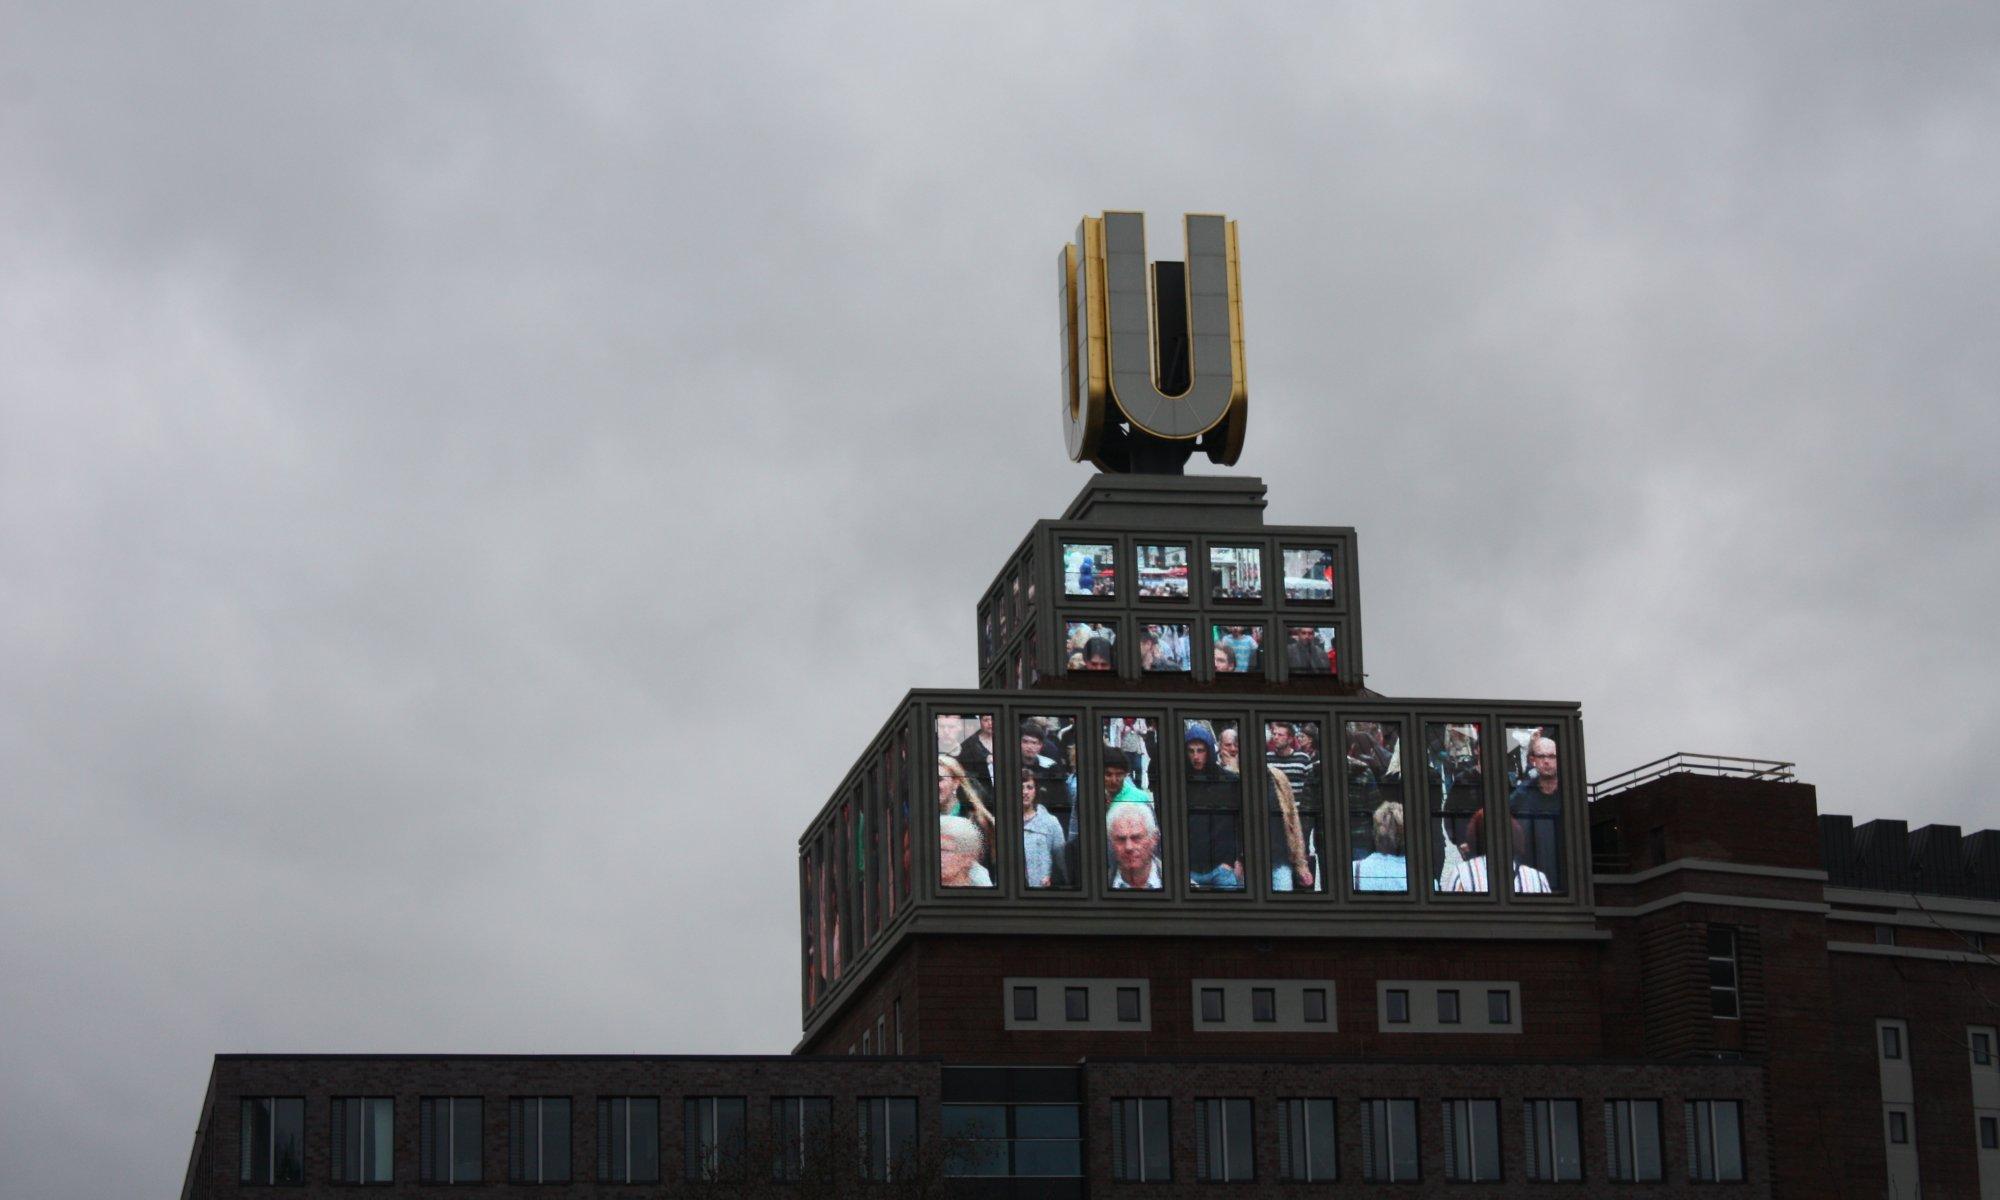 Dortmunder U, Dortmund, Germany